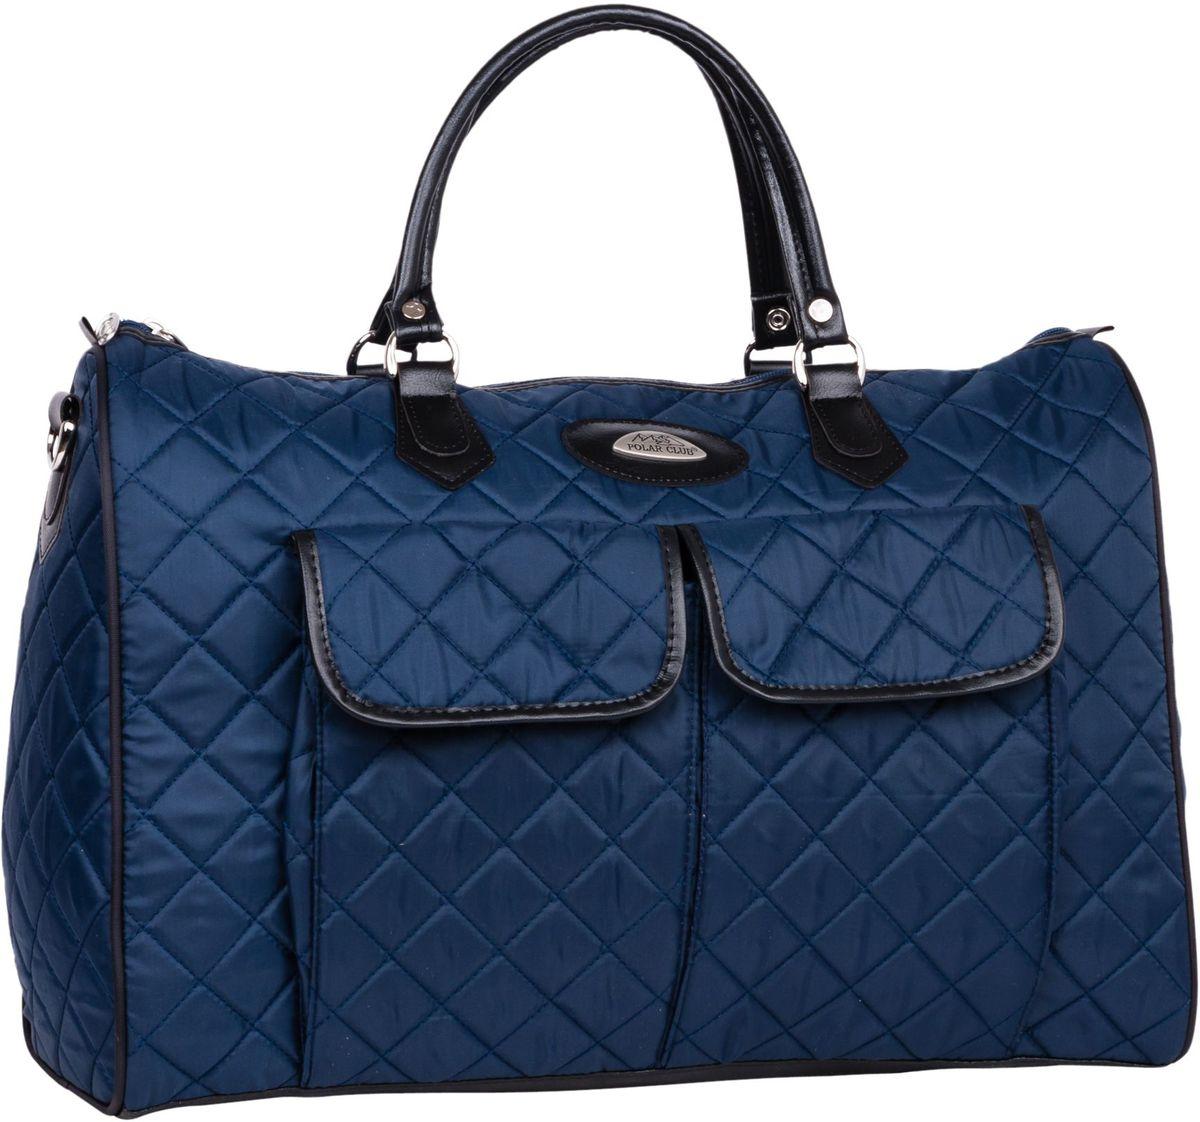 Сумка дорожная Polar Инесса, цвет: синий, 36 л, 35 х 49 х 19 см. П7081П7081Вместительная недорогая дорожная сумка из полиэстера с водоотталкивающей пропиткой. Внутри дополнительный карман для документов. Снаружи - два кармана (на внешней и внутренней стороне сумки), для мелких предметов. Ручки выполнены из высокопрочного кожзаменителя. В комплект входит съемный плечевой ремень.